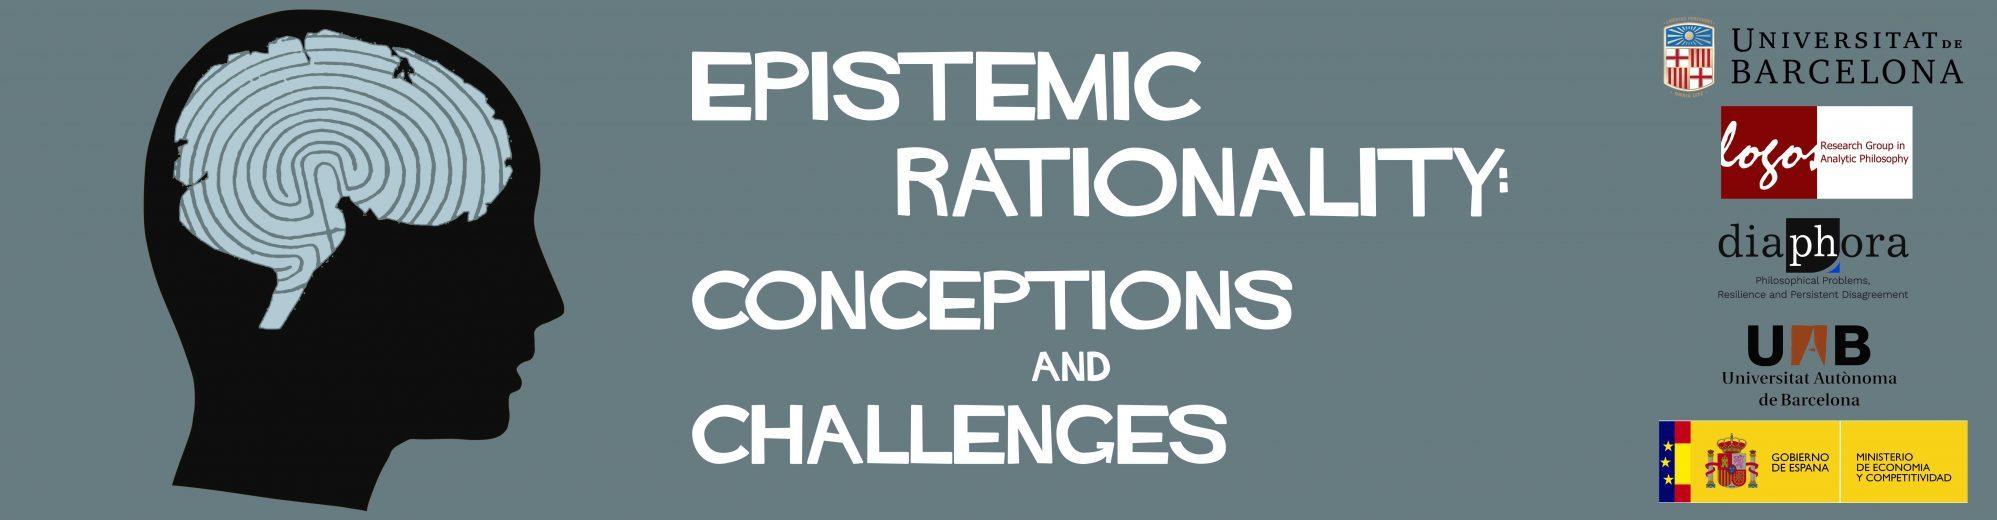 Epistemic Rationality